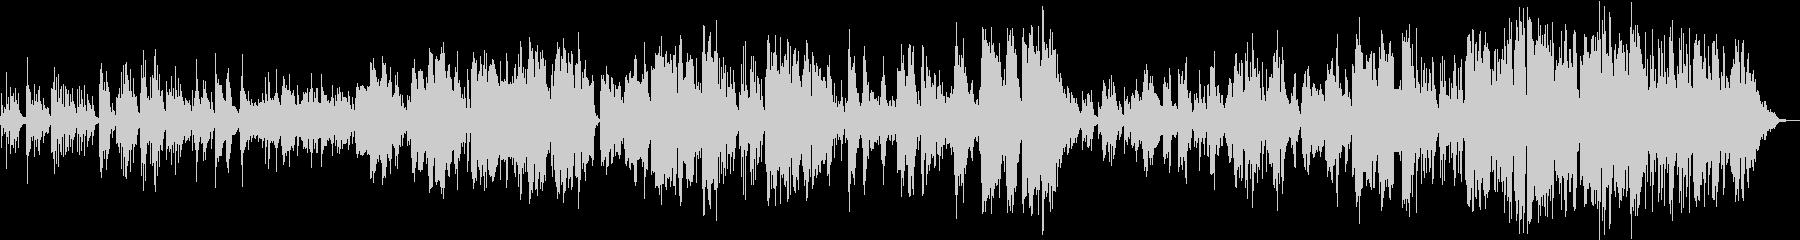 ピアノイントロから始まる切ないバラードの未再生の波形